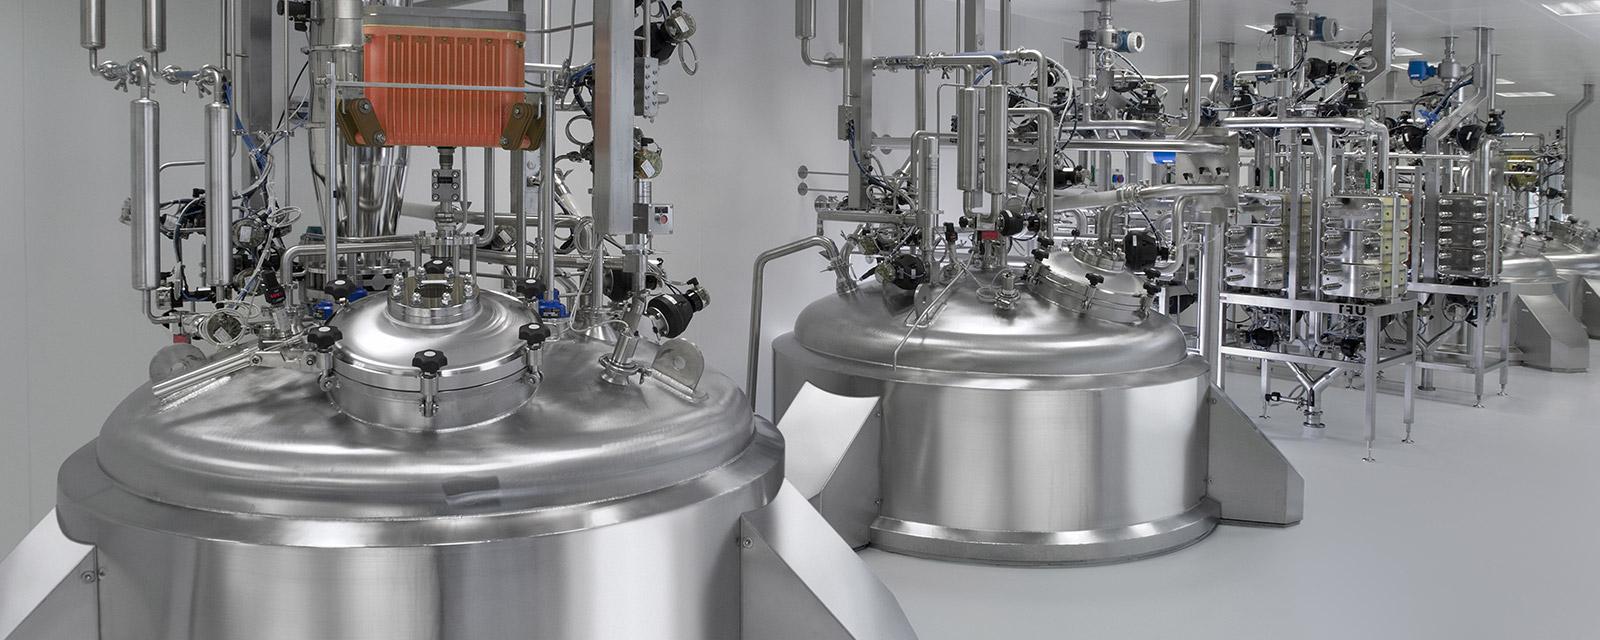 Rührwerksbehälter Homogenisieren - Wärmeübertragen - Begasen - Emulgieren - Suspendieren Haus der Technik